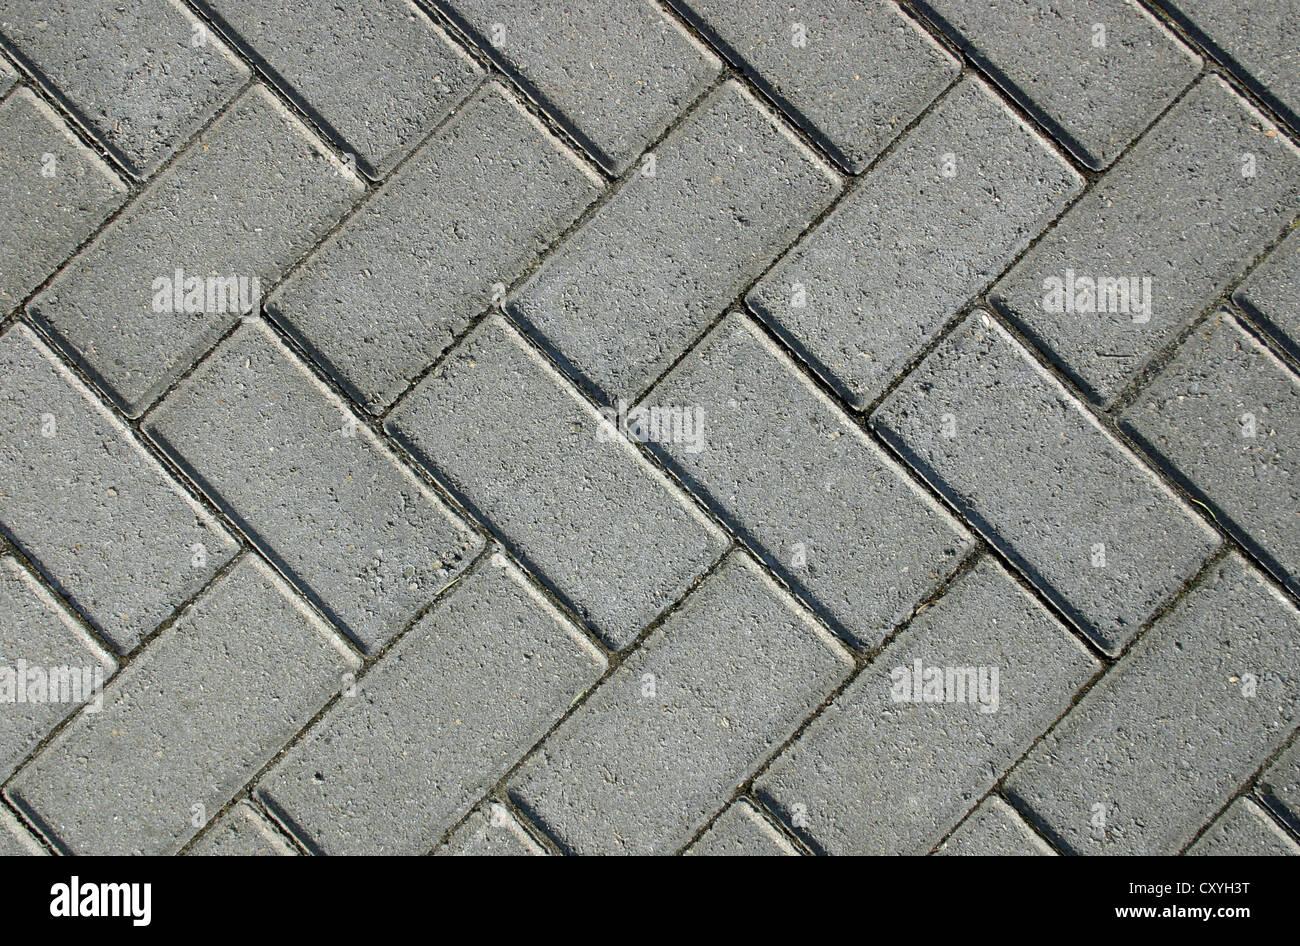 La consistenza di un mattone passeggiata adatta per gli sfondi Immagini Stock